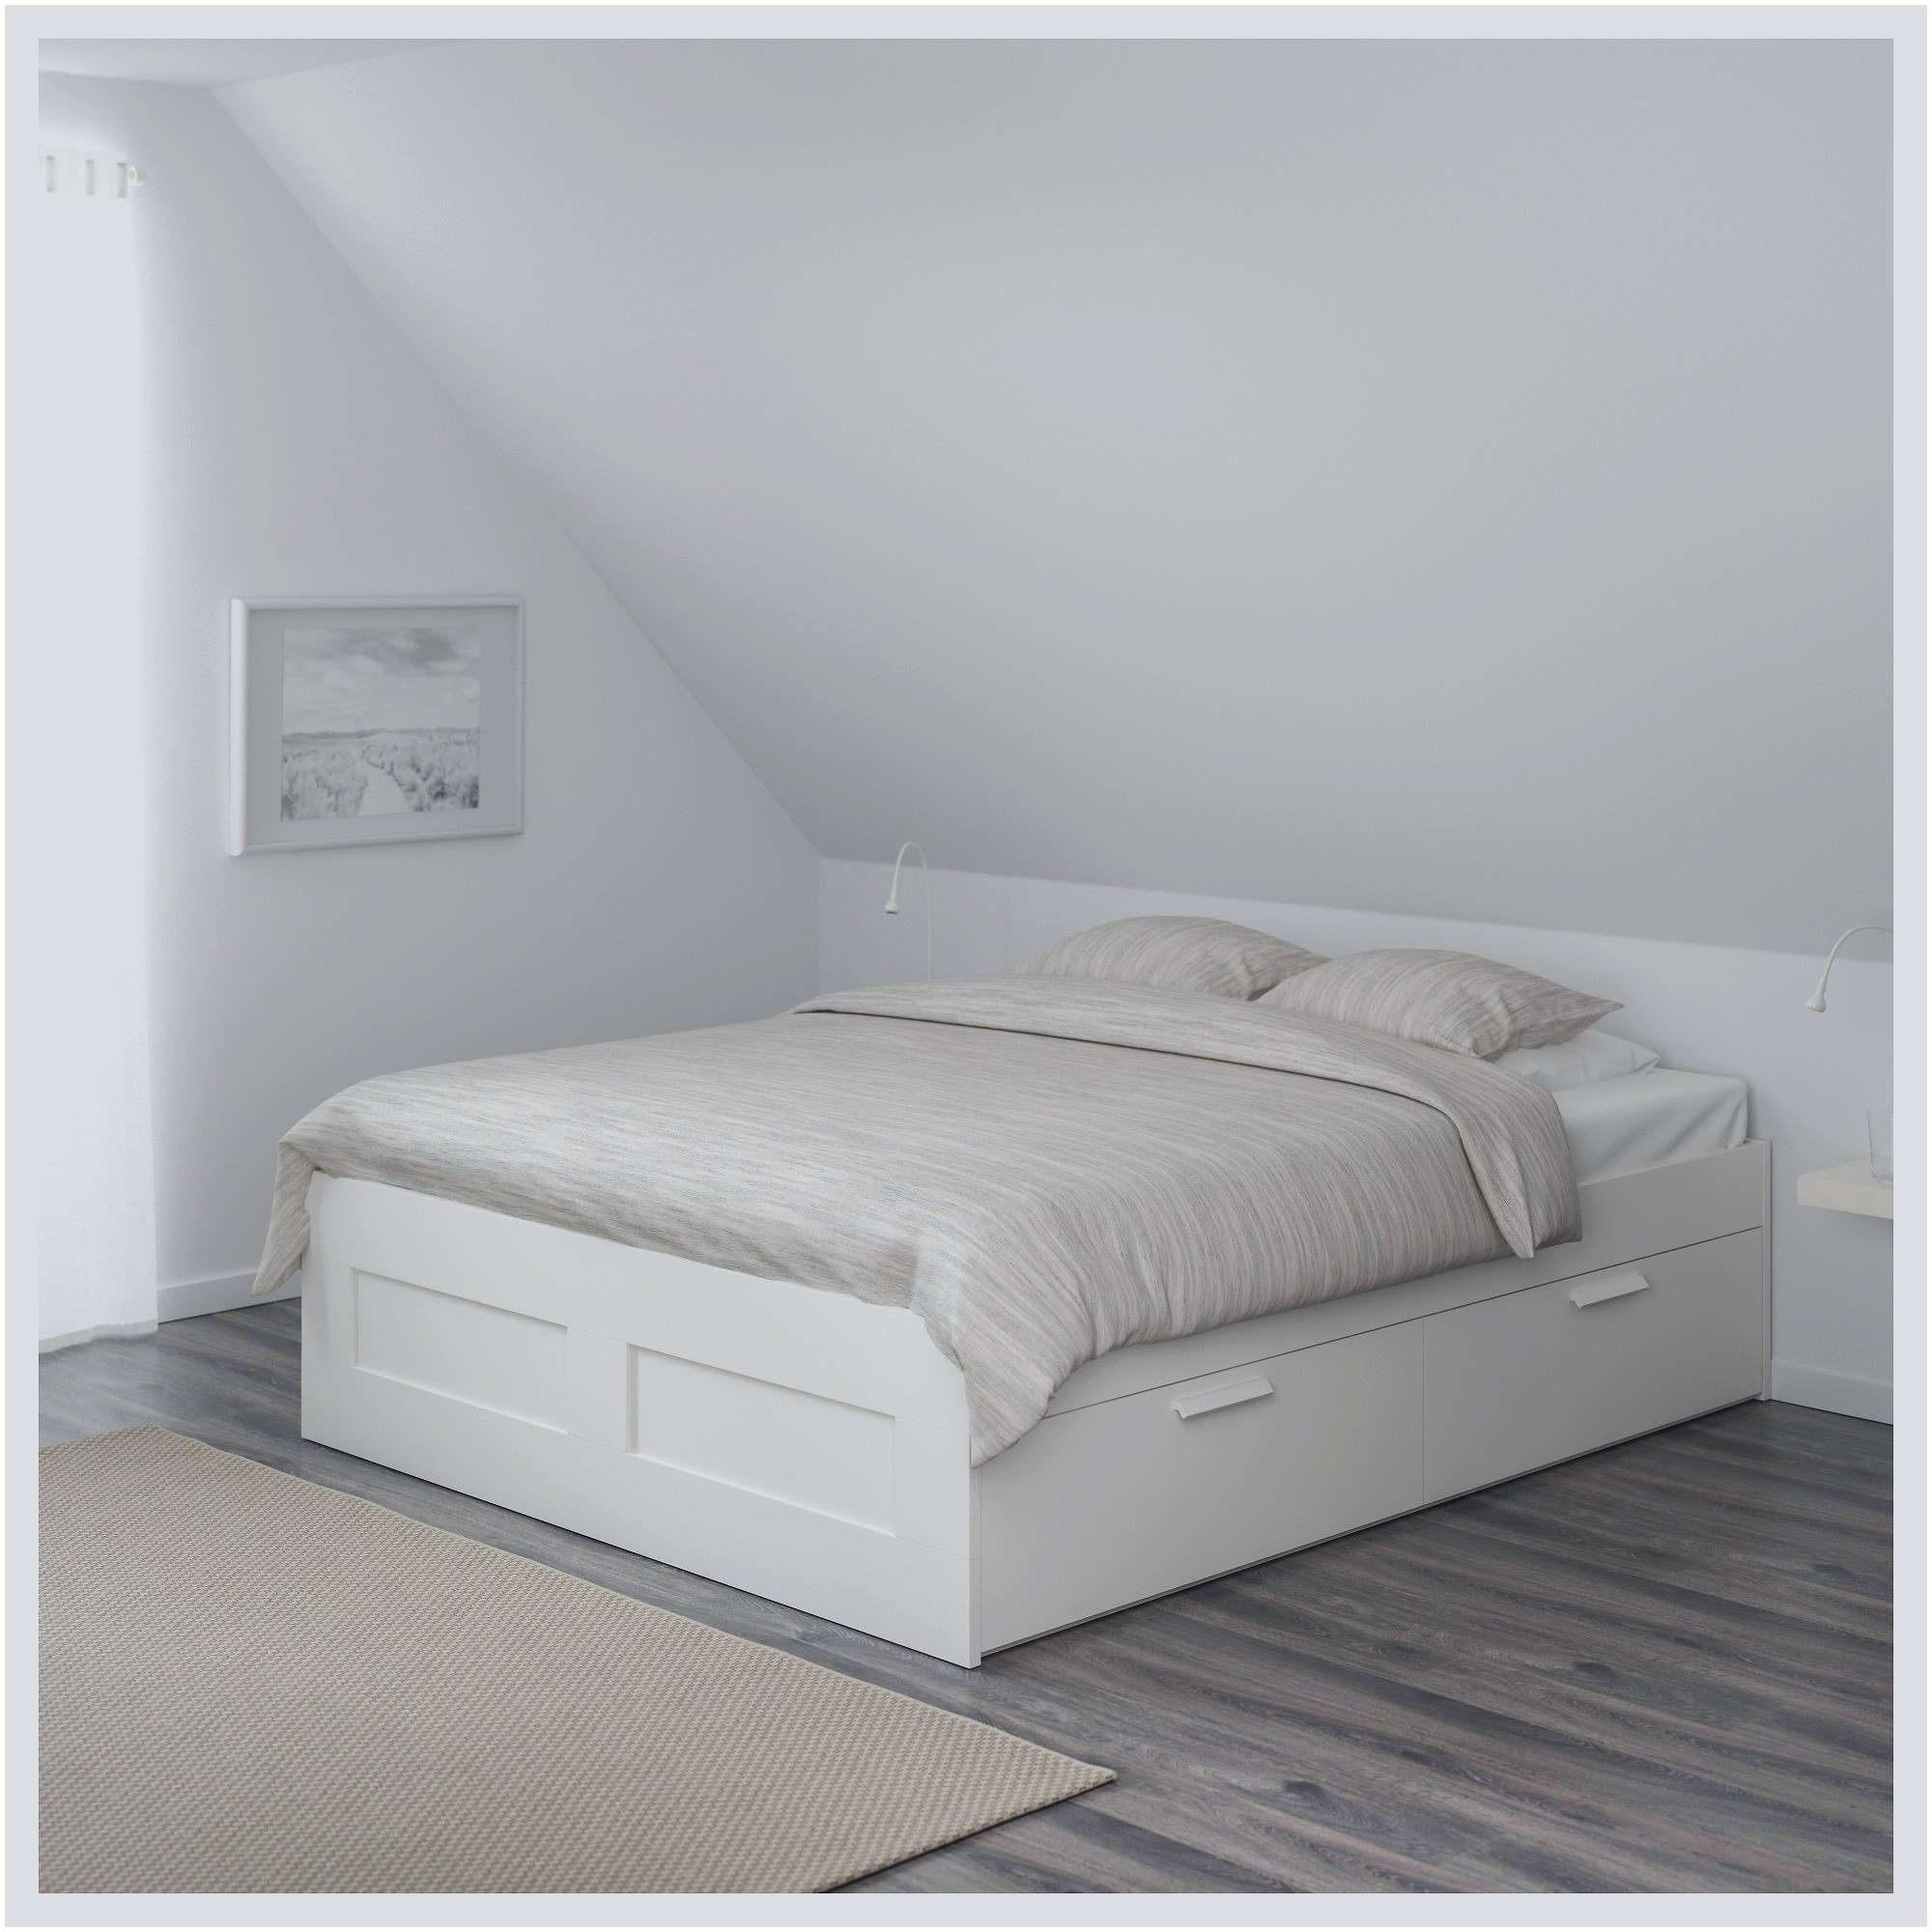 Lit 140×200 Avec sommier Et Matelas Le Luxe Elégant Matelas Et sommier Ikea Bénéfique Matelas Une Place Ikea